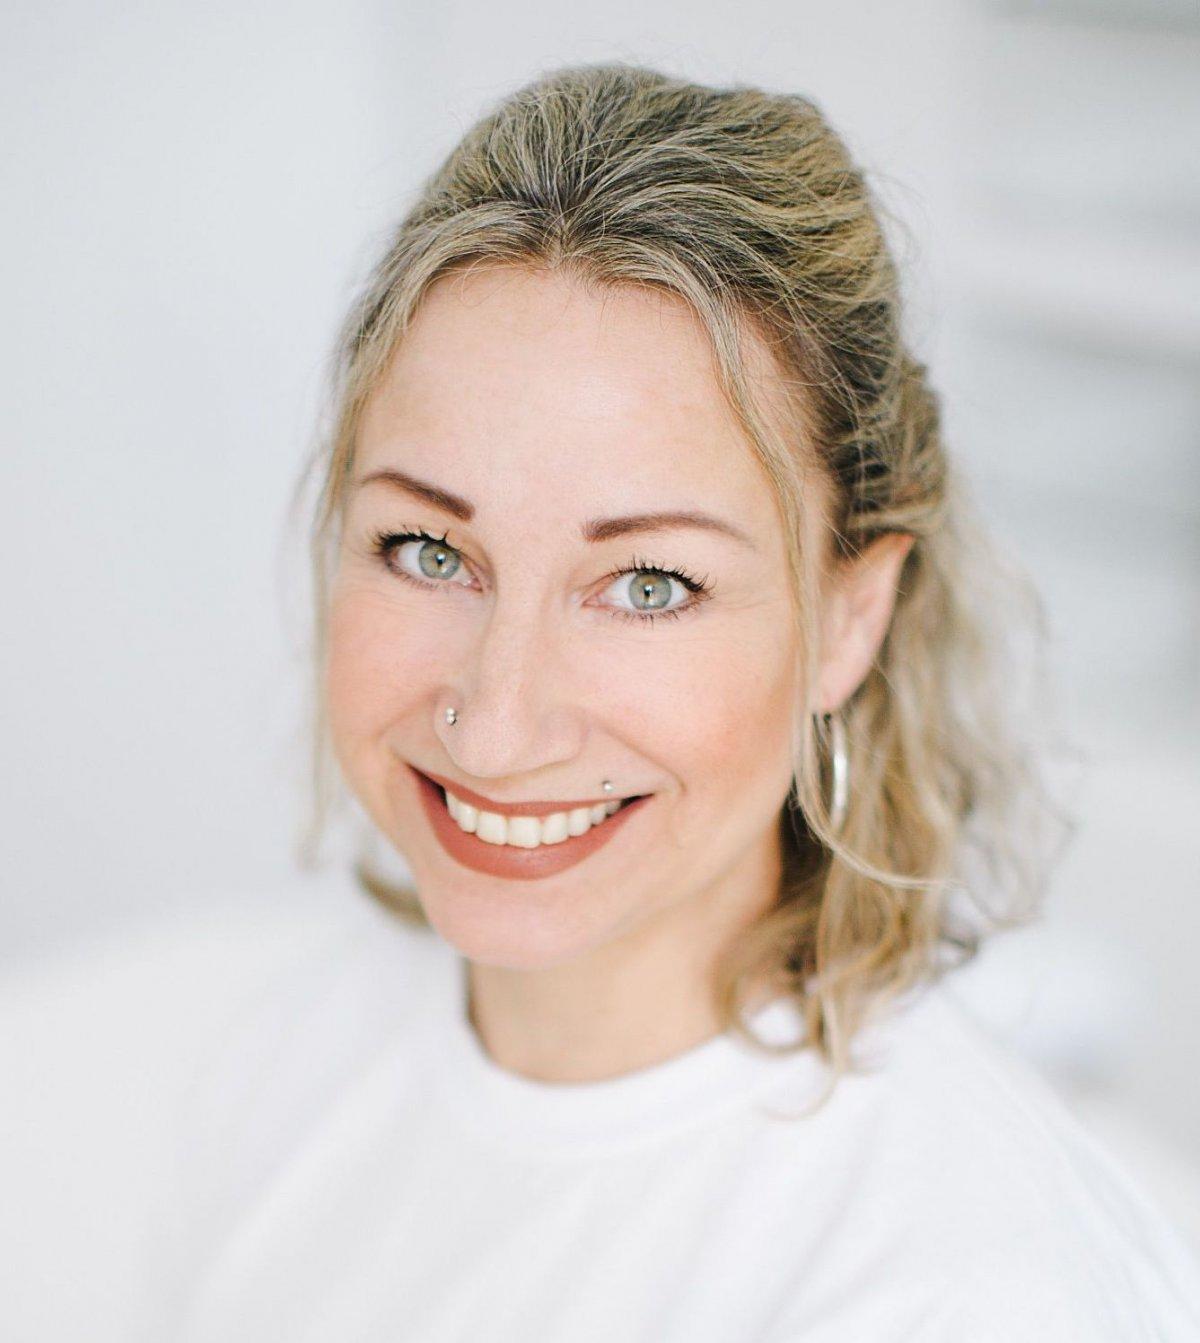 Das Foto zeigt Andrea Wernli aus Dübendorf vor einem weißen Hintergrund. Sie hat dunkelblonde Haare, die sie halb nach hinten gebunden hat. Sie trägt ein weißes T-Shirt und hat einen Nasenpiercing und auch einen an der Oberlippe. Auf dem Foto lächelt sie